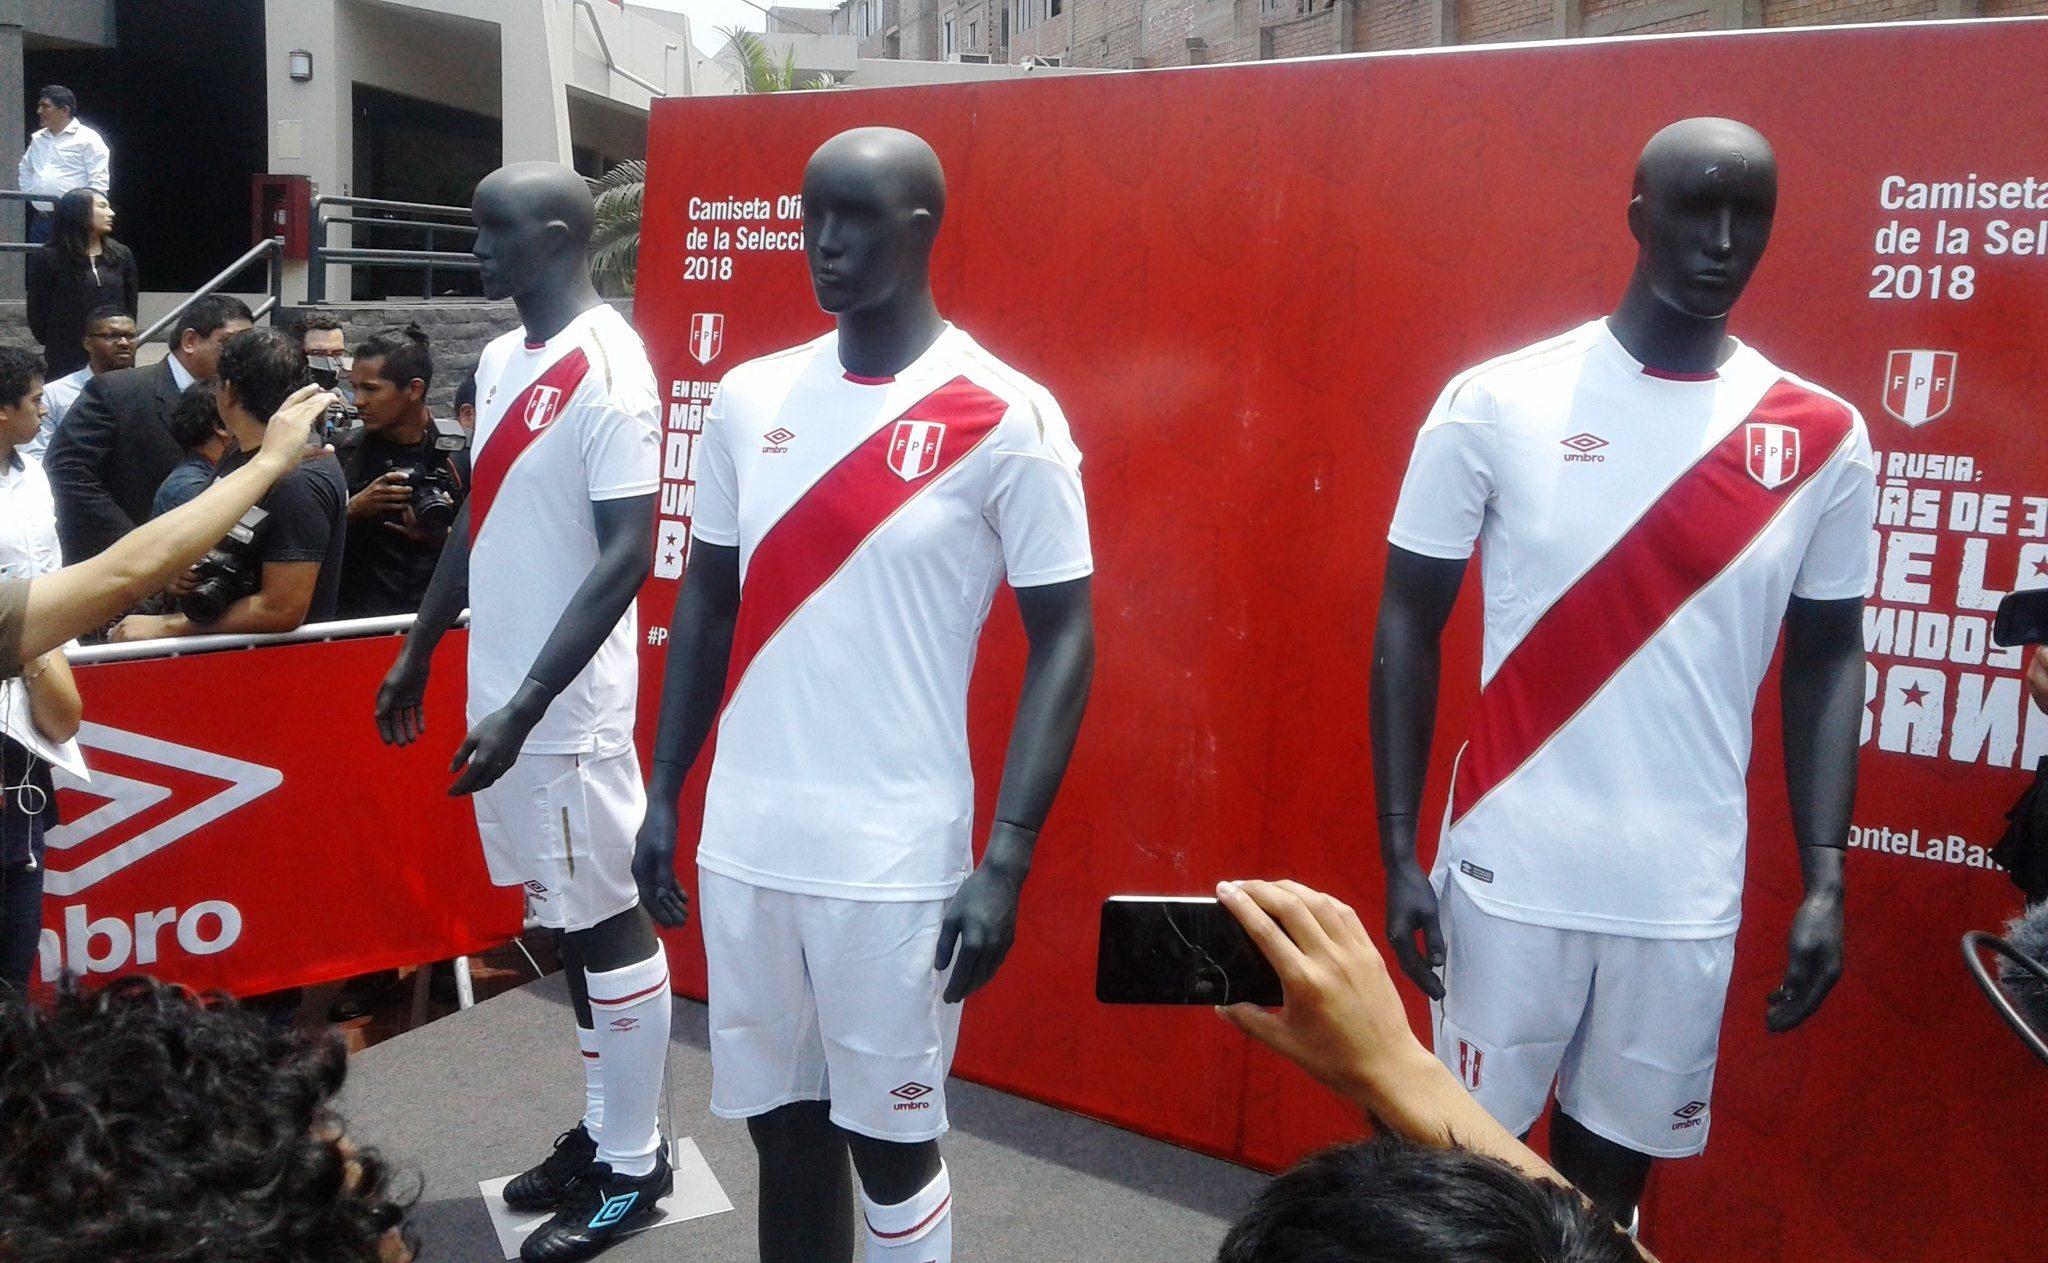 Esta es la nueva camiseta de la Selección Peruana de Futbol hecha por UMBRO